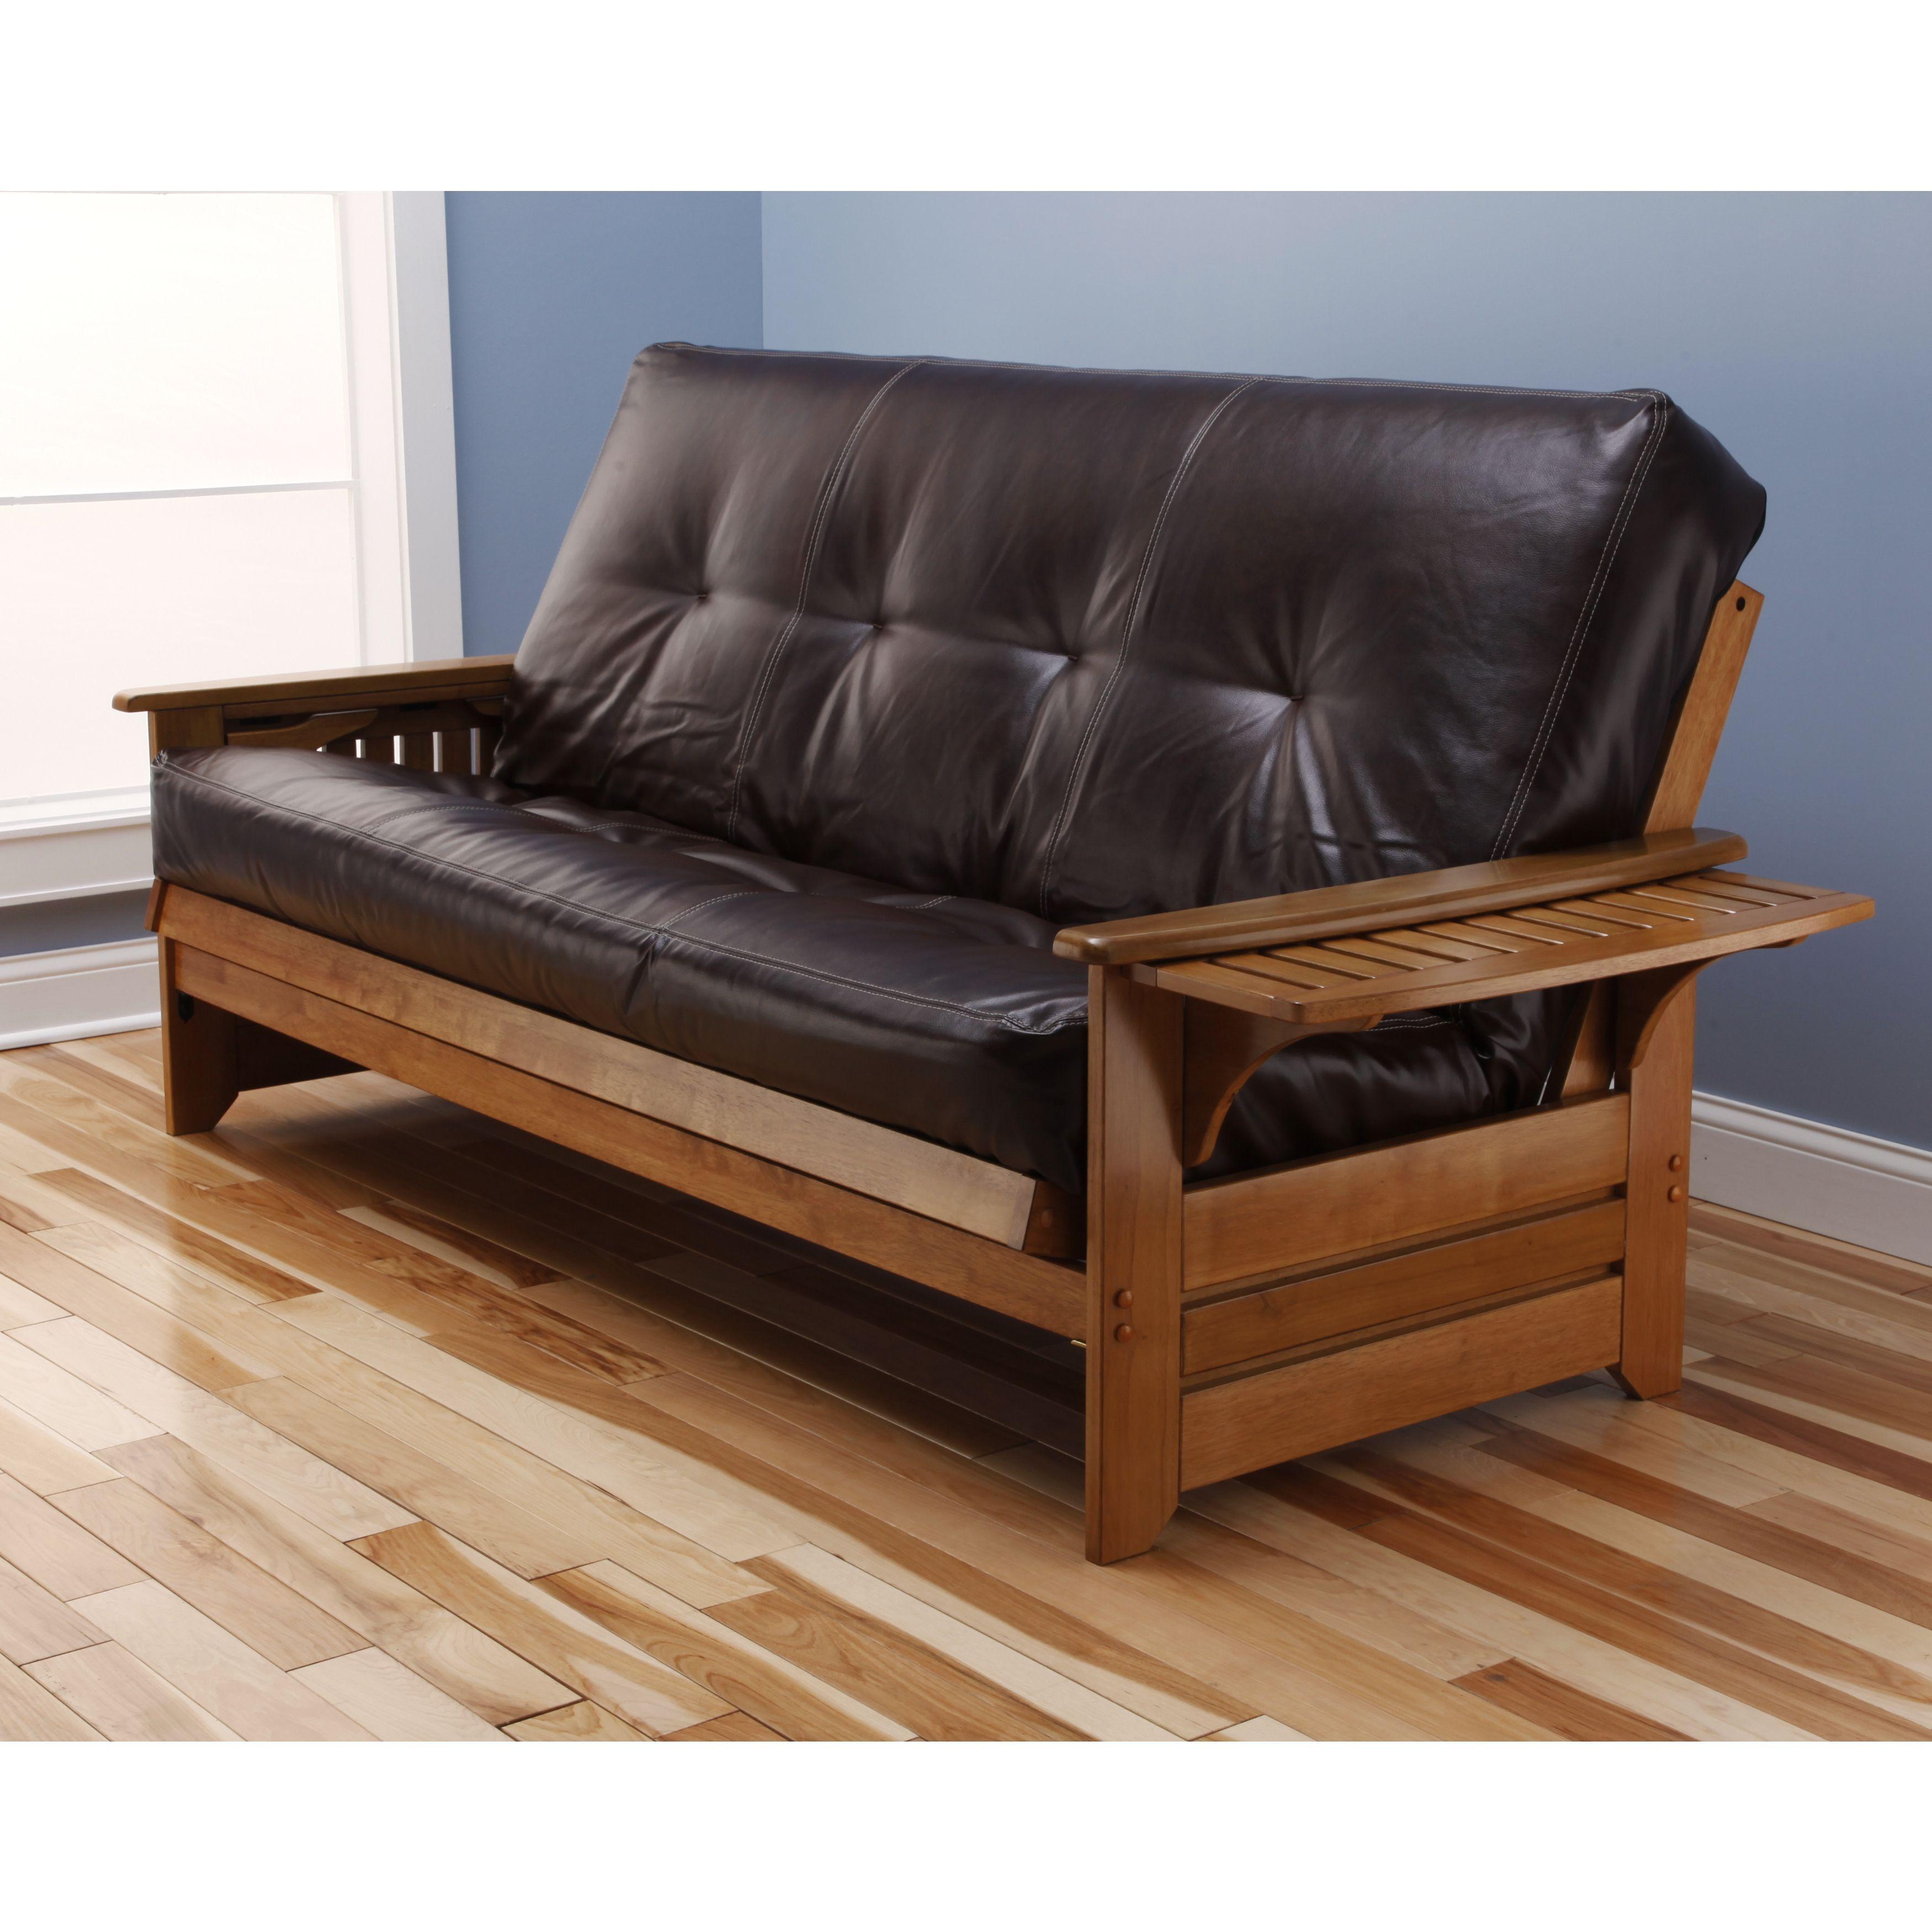 Chesterfield Sofa Rosemount Full Size Futon and Drawer Set Honey Oak Wood Frame And Viva Fibers Tufted Innerspring Mattress Mocha